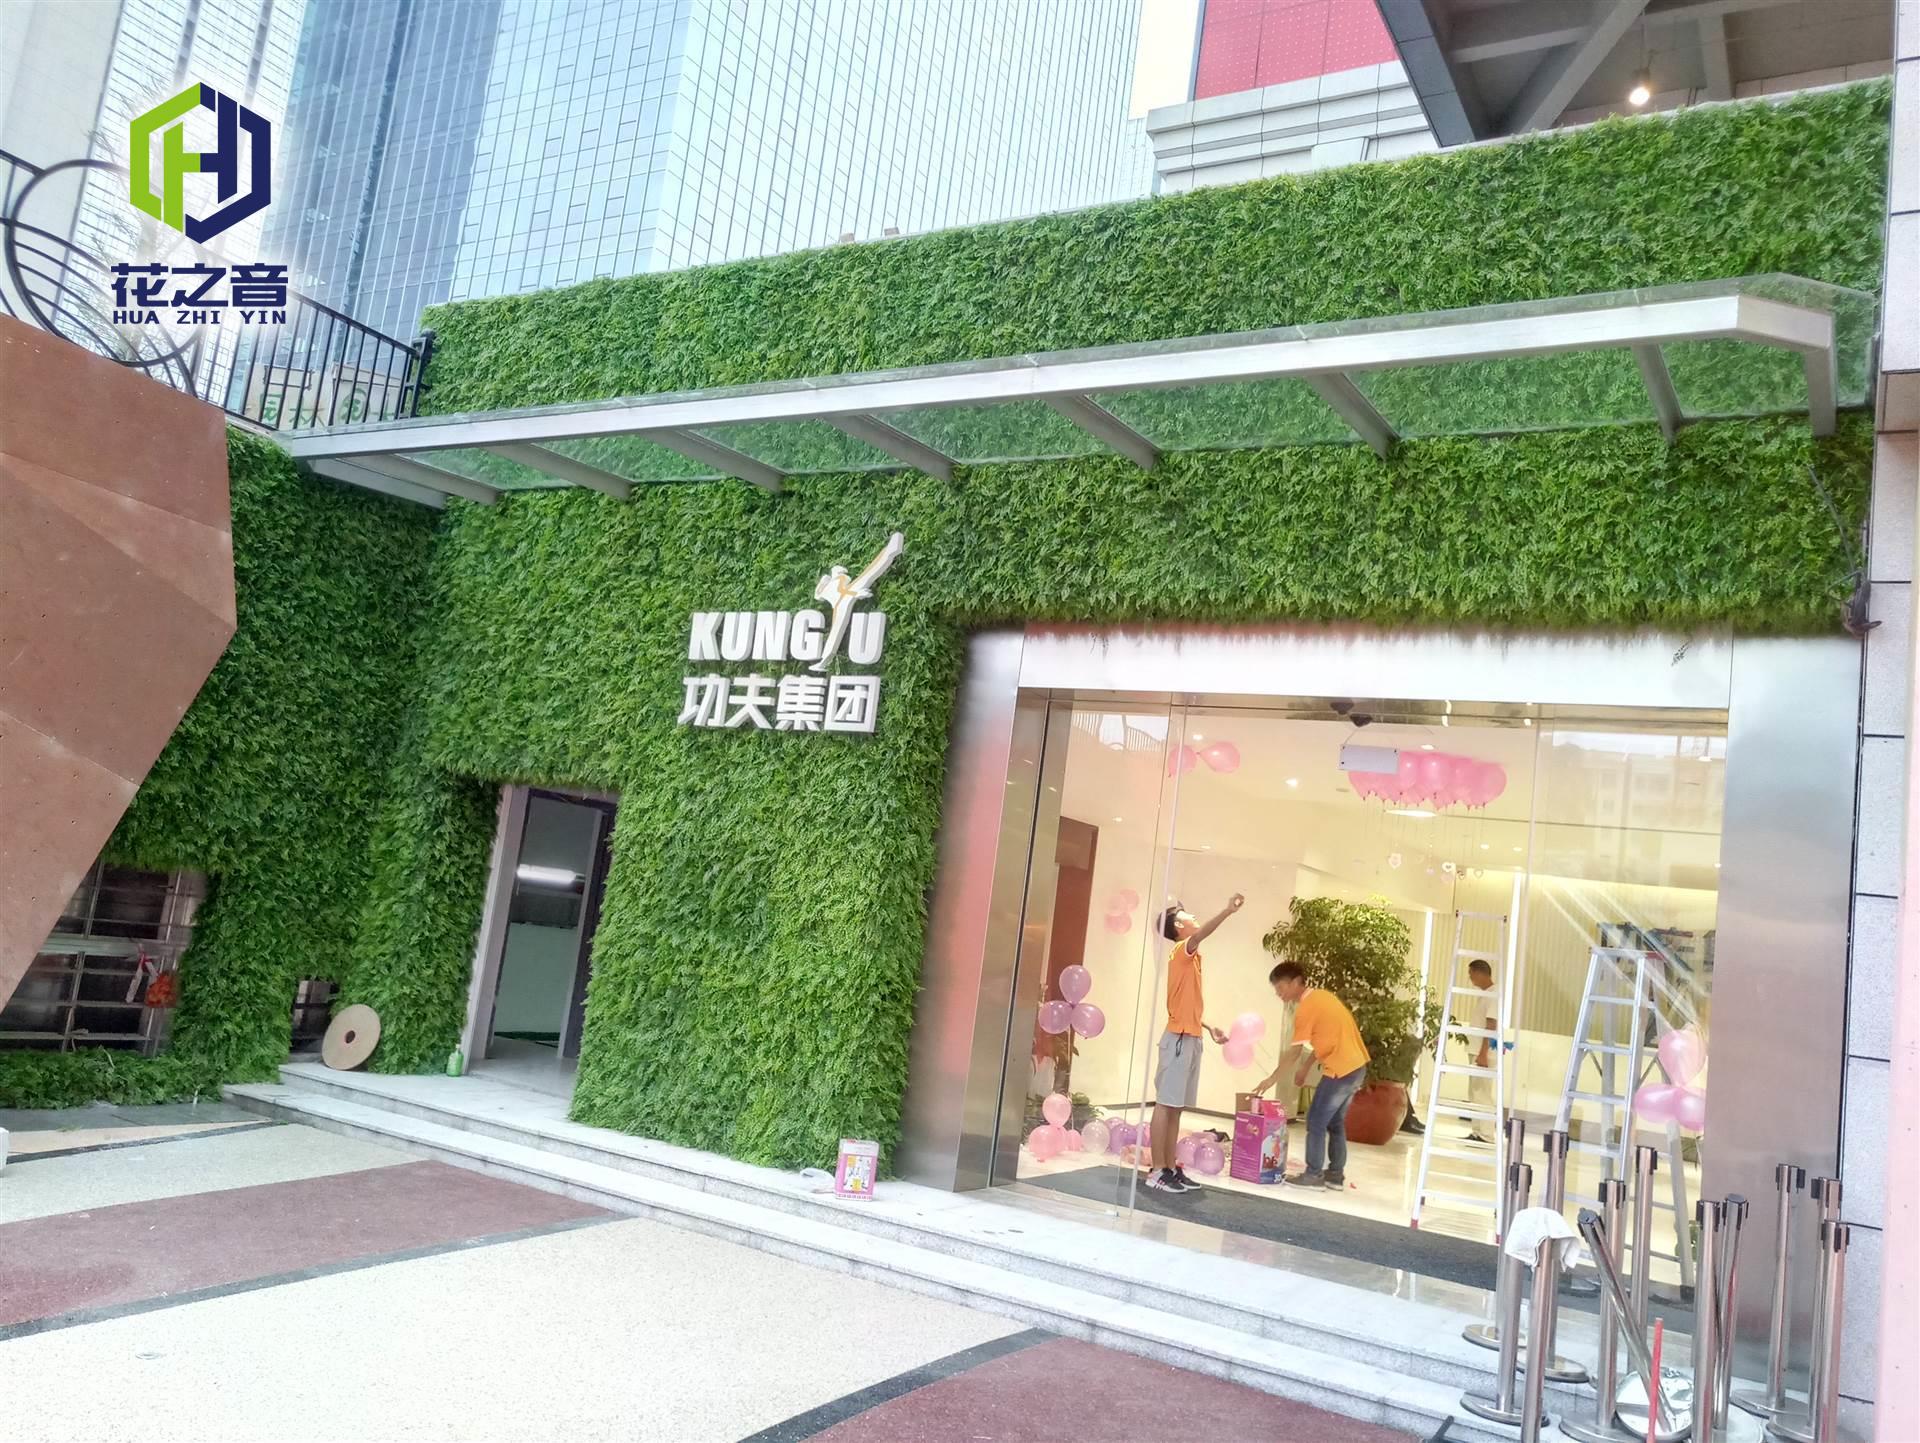 功夫集团展示厅仿真植物墙